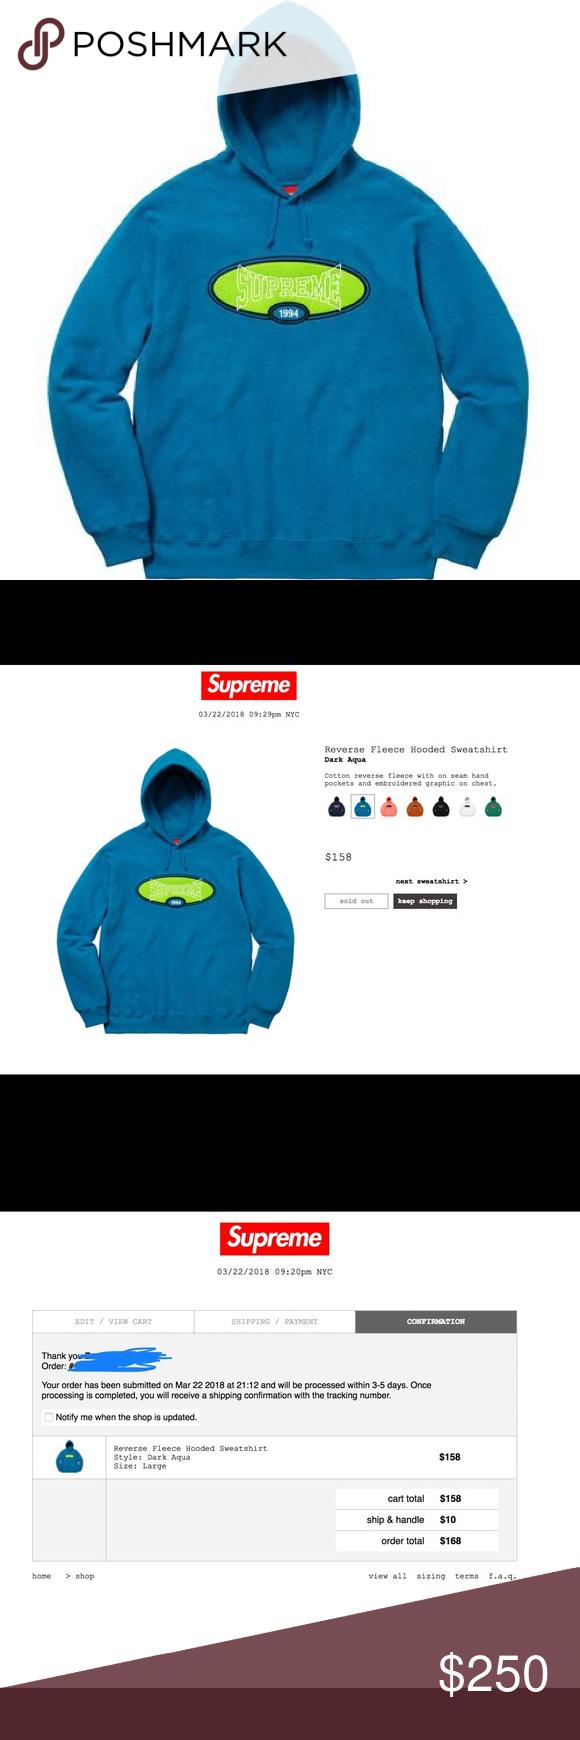 476af5444c65 Supreme Supreme Reverse Fleece Hooded Sweatshirt Supreme Reverse Fleece  Hooded Sweatshirt Style  Dark Aqua Size  XL Comes  bag and sticker!